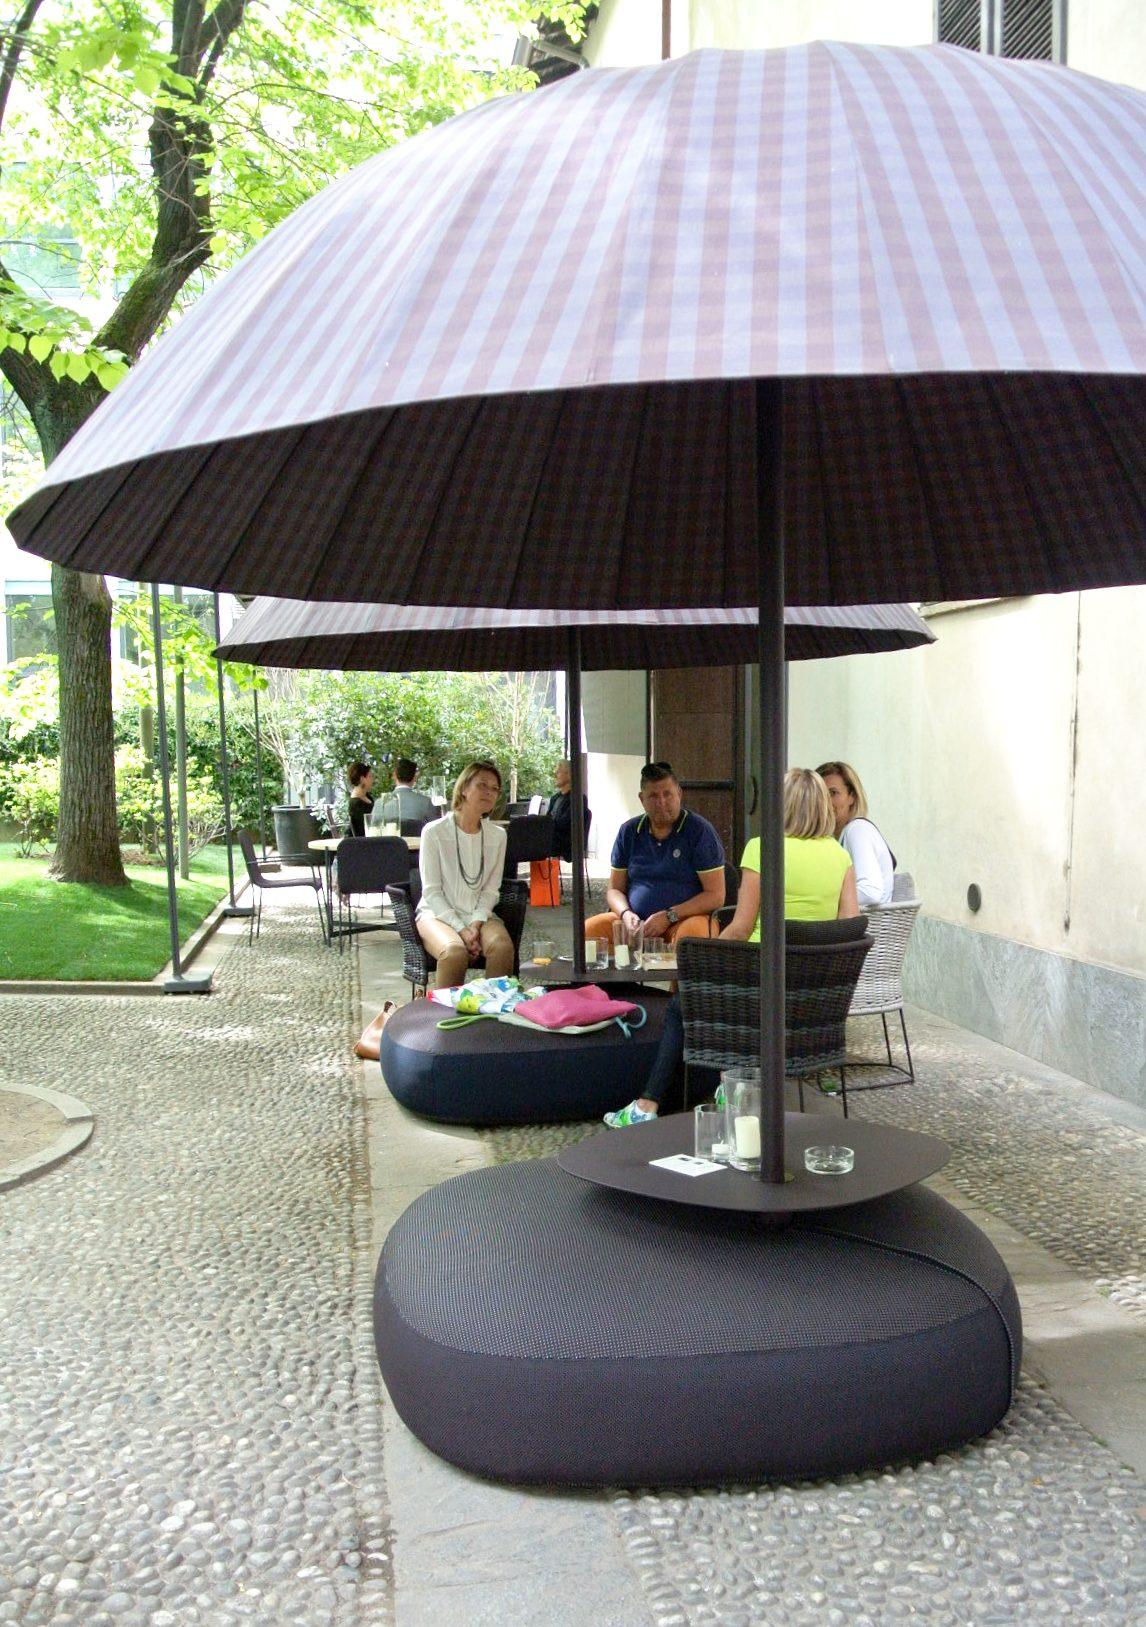 paola lenti salone 2015 beyond colour (3)